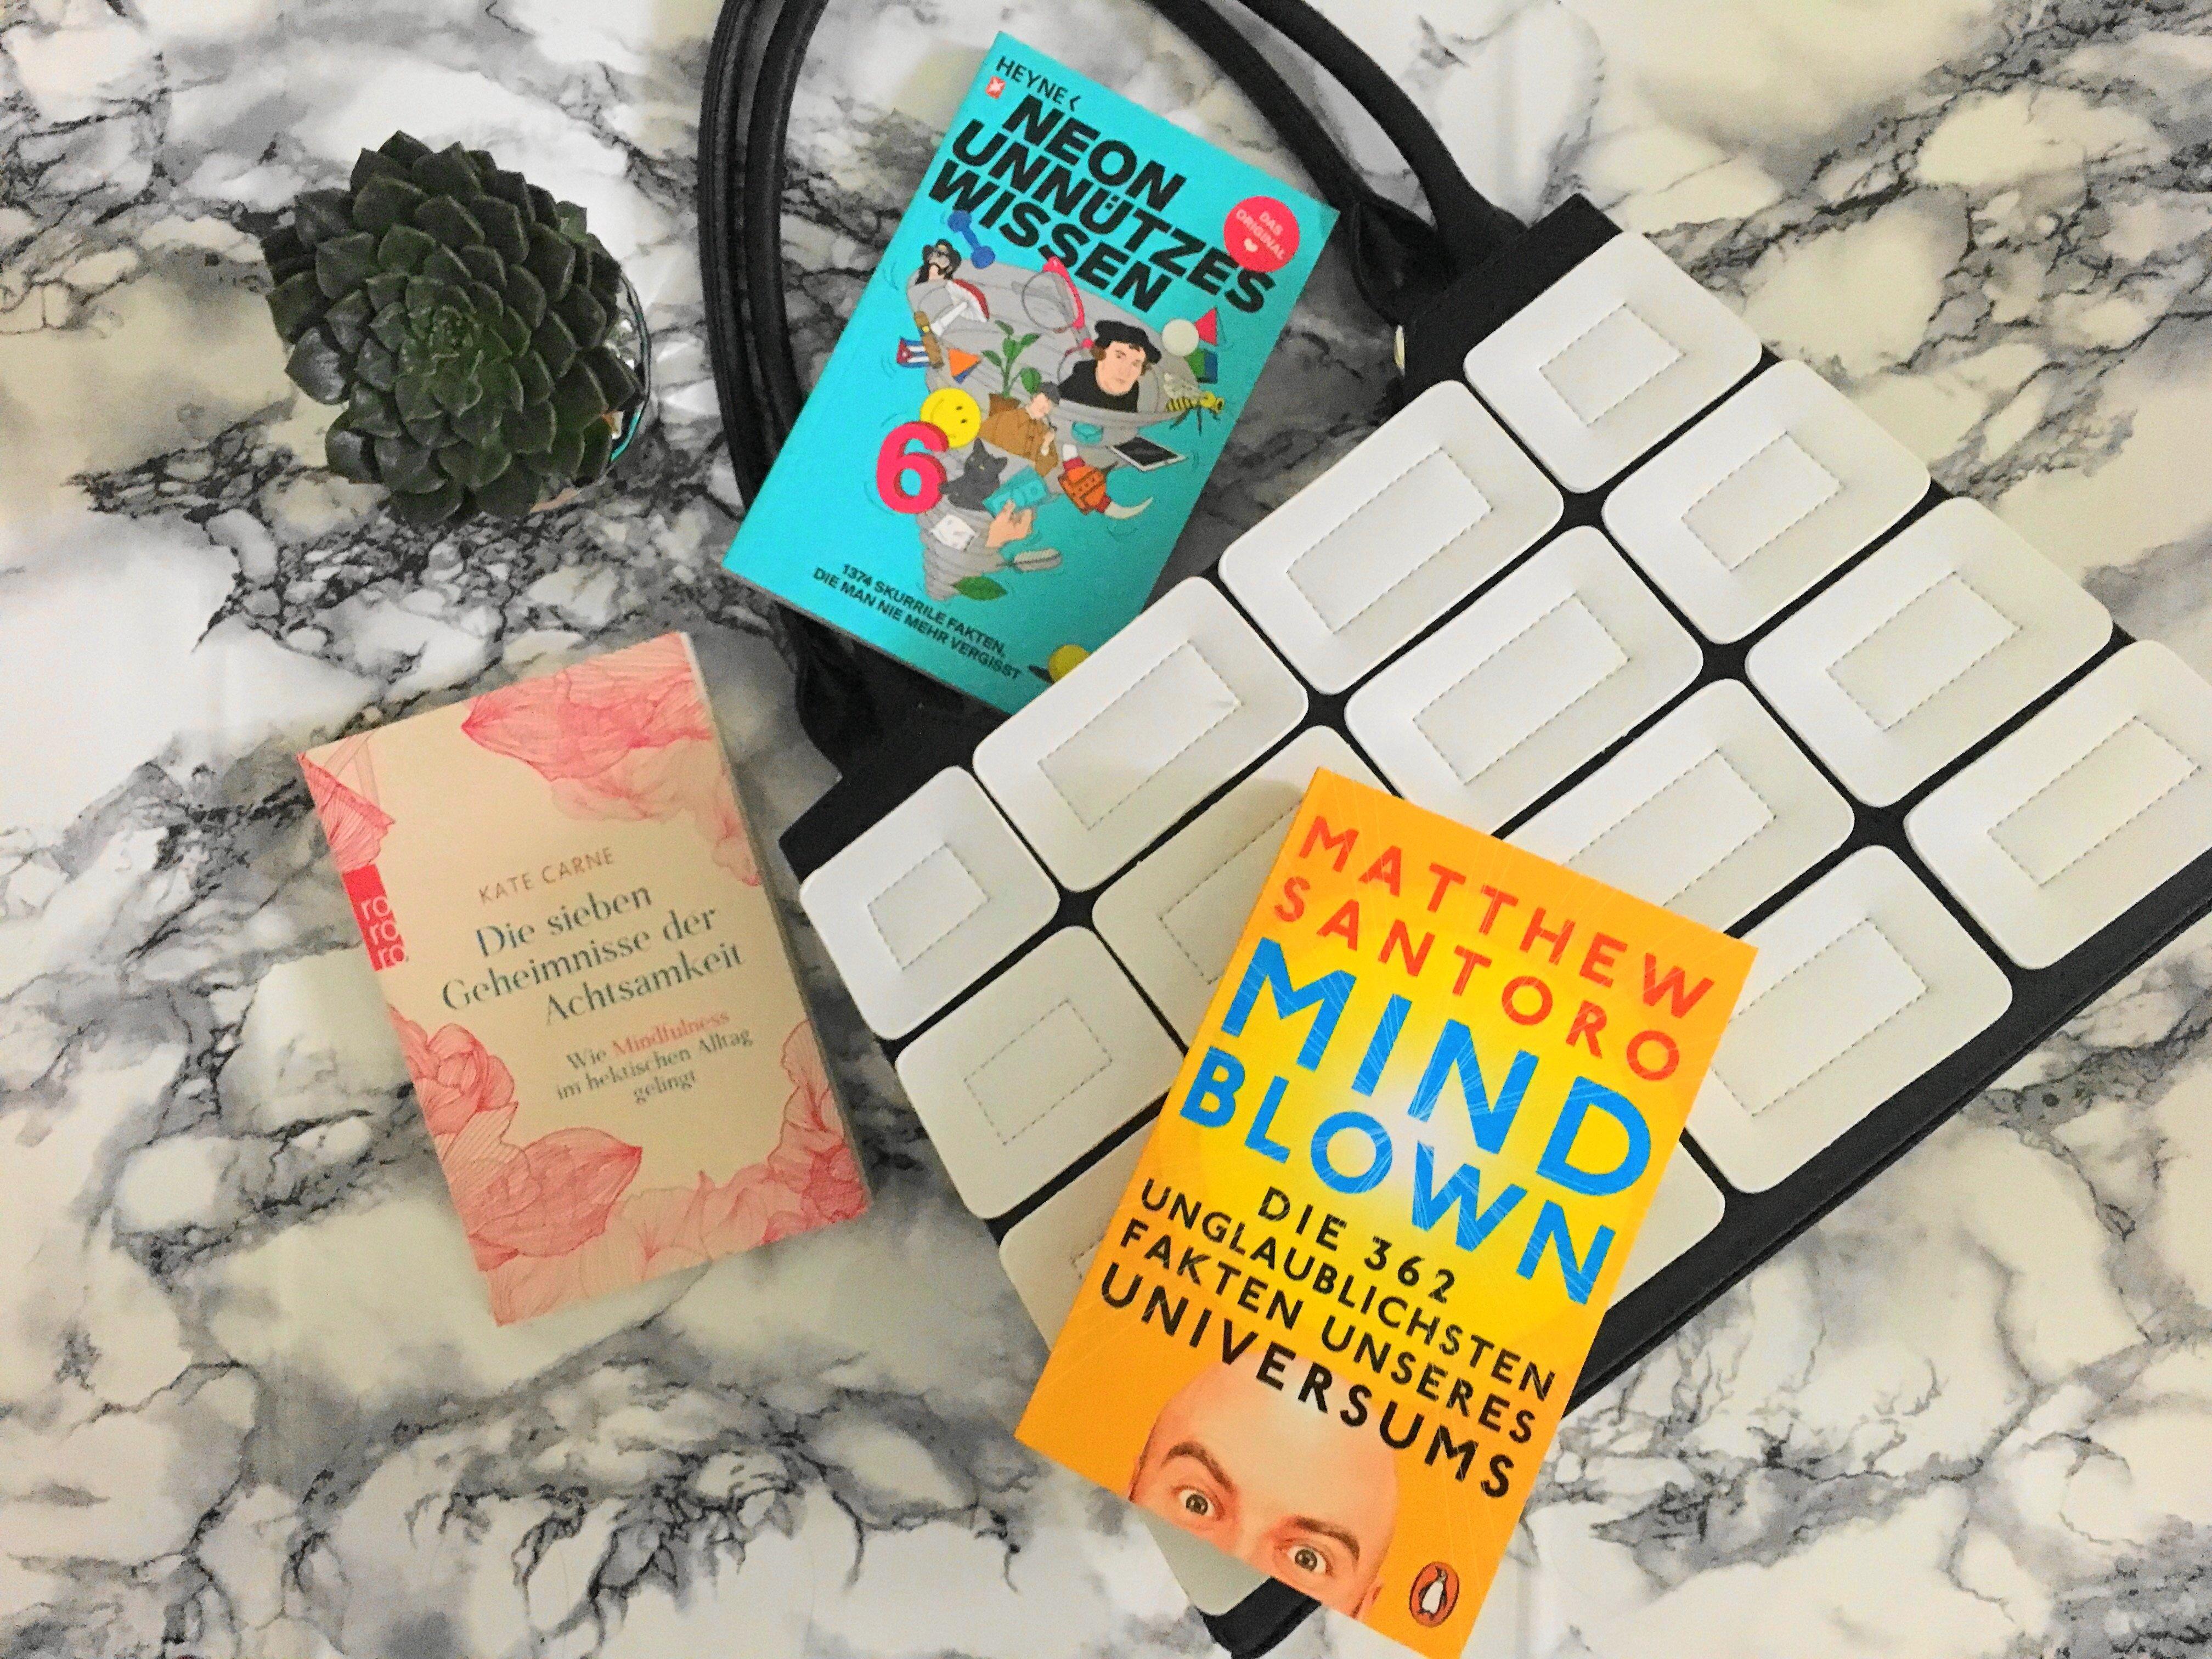 Heute stelle ich euch drei der top Wissensbücher für die Handtasche und unterwegs zur Erlangung von Wissen im Handumdrehen etwas näher als Rezensionen vor